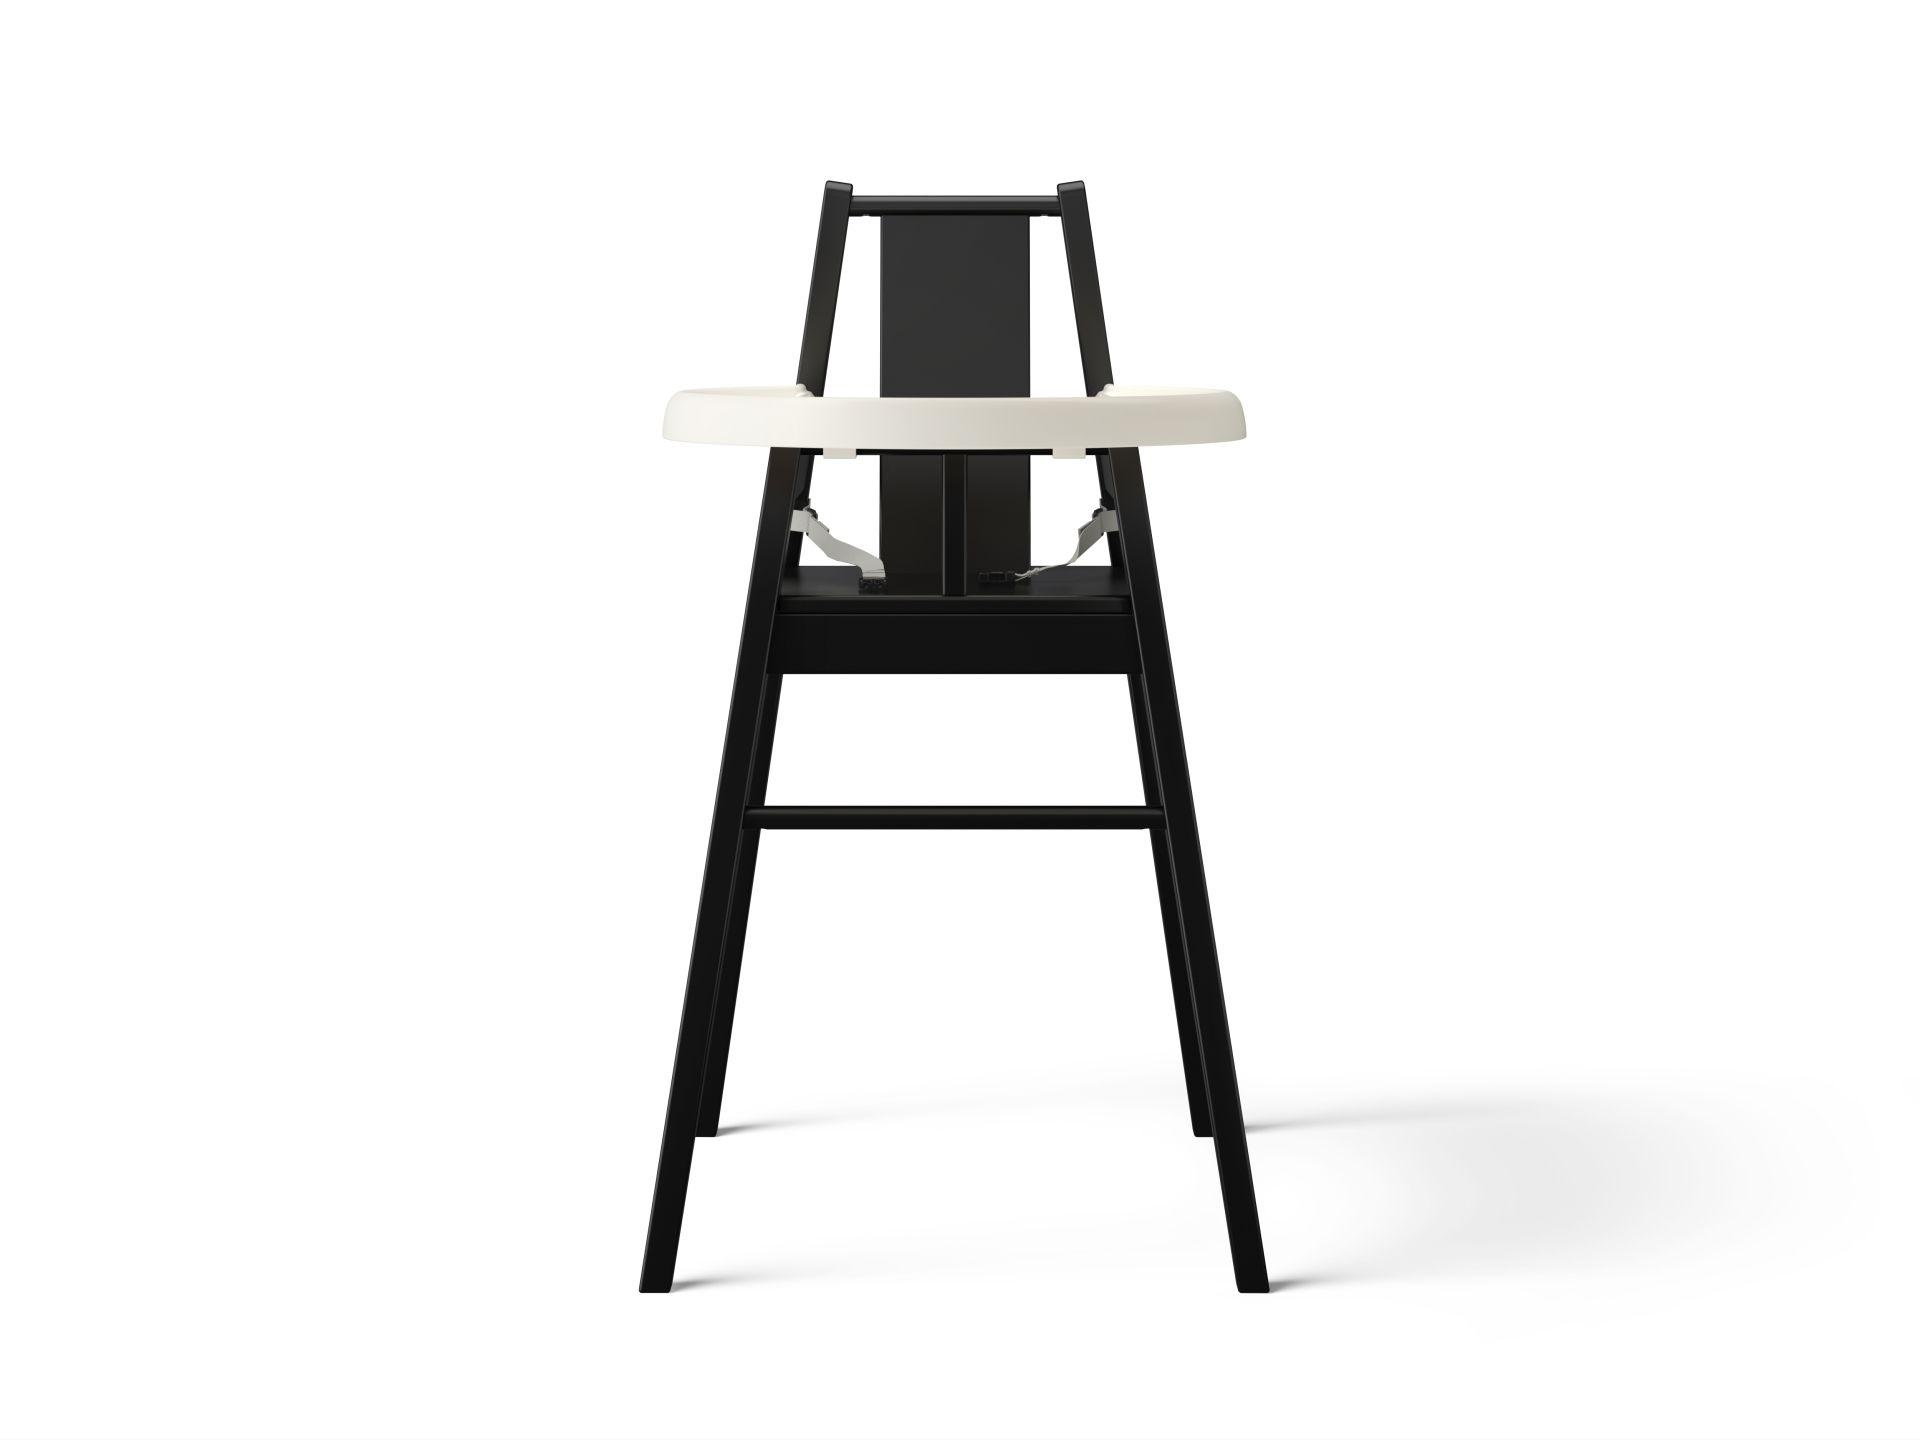 Hoge Stoel Voor Kind.Blames Hoge Kinderstoel Met Blad Zwart Ikea Catalogus 2017 Ikea